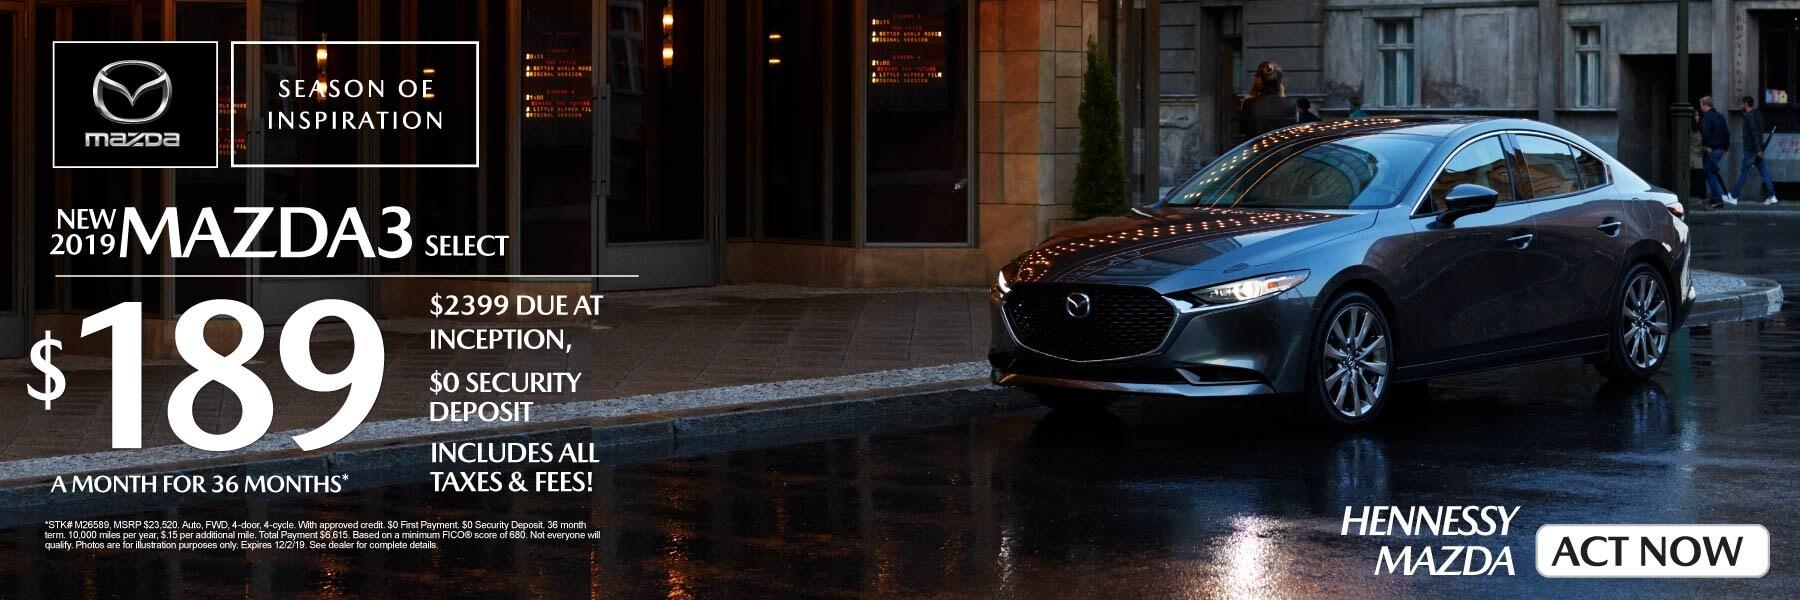 Mazda Dealerships In Georgia >> Hennessy Mazda New Used Mazda Dealership Serving Atlanta Ga